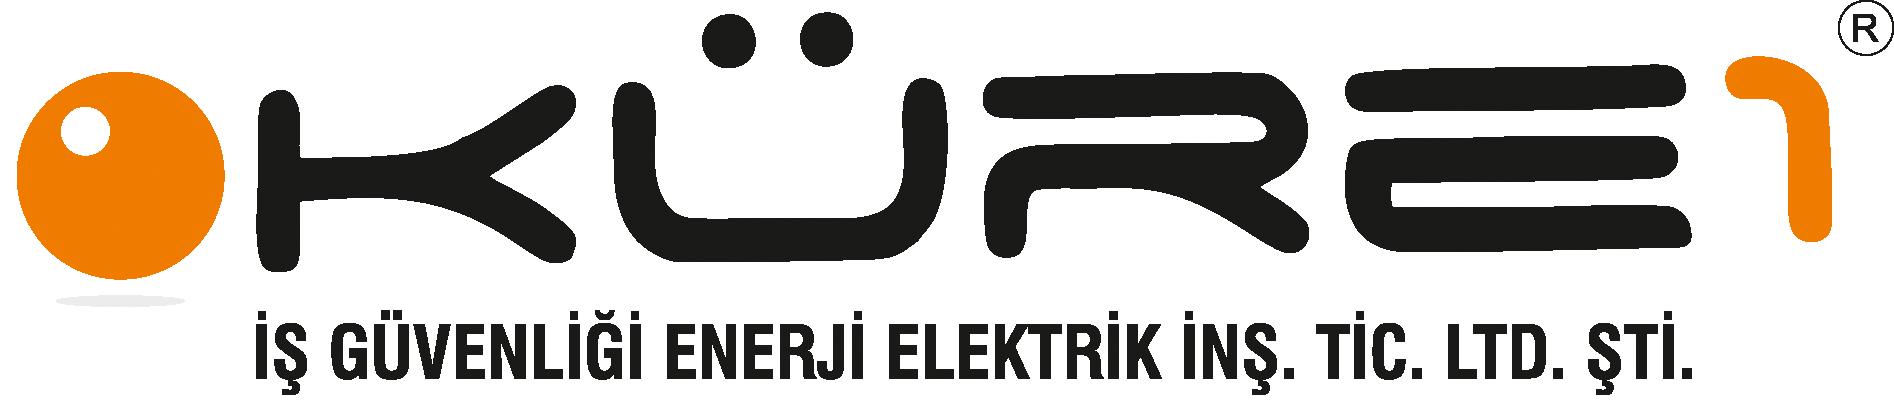 Küre1 İş Güvenliği Enerji Elektrik İnşaat Tic.Ltd.Şti